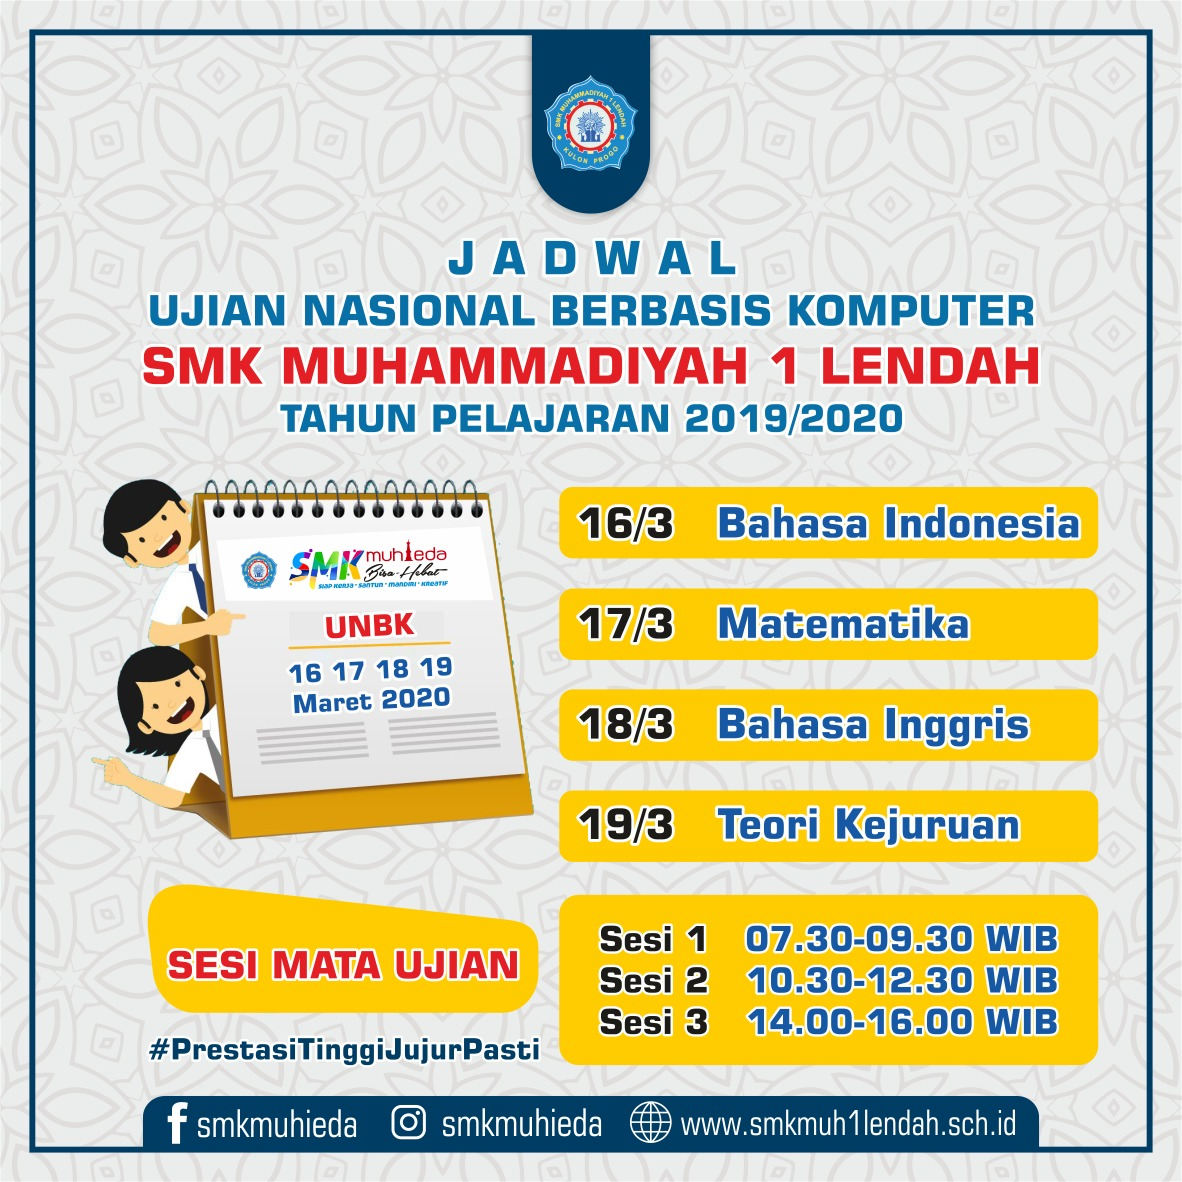 Jadwal Ujian Nasional Berbasis Komputer (UNBK)